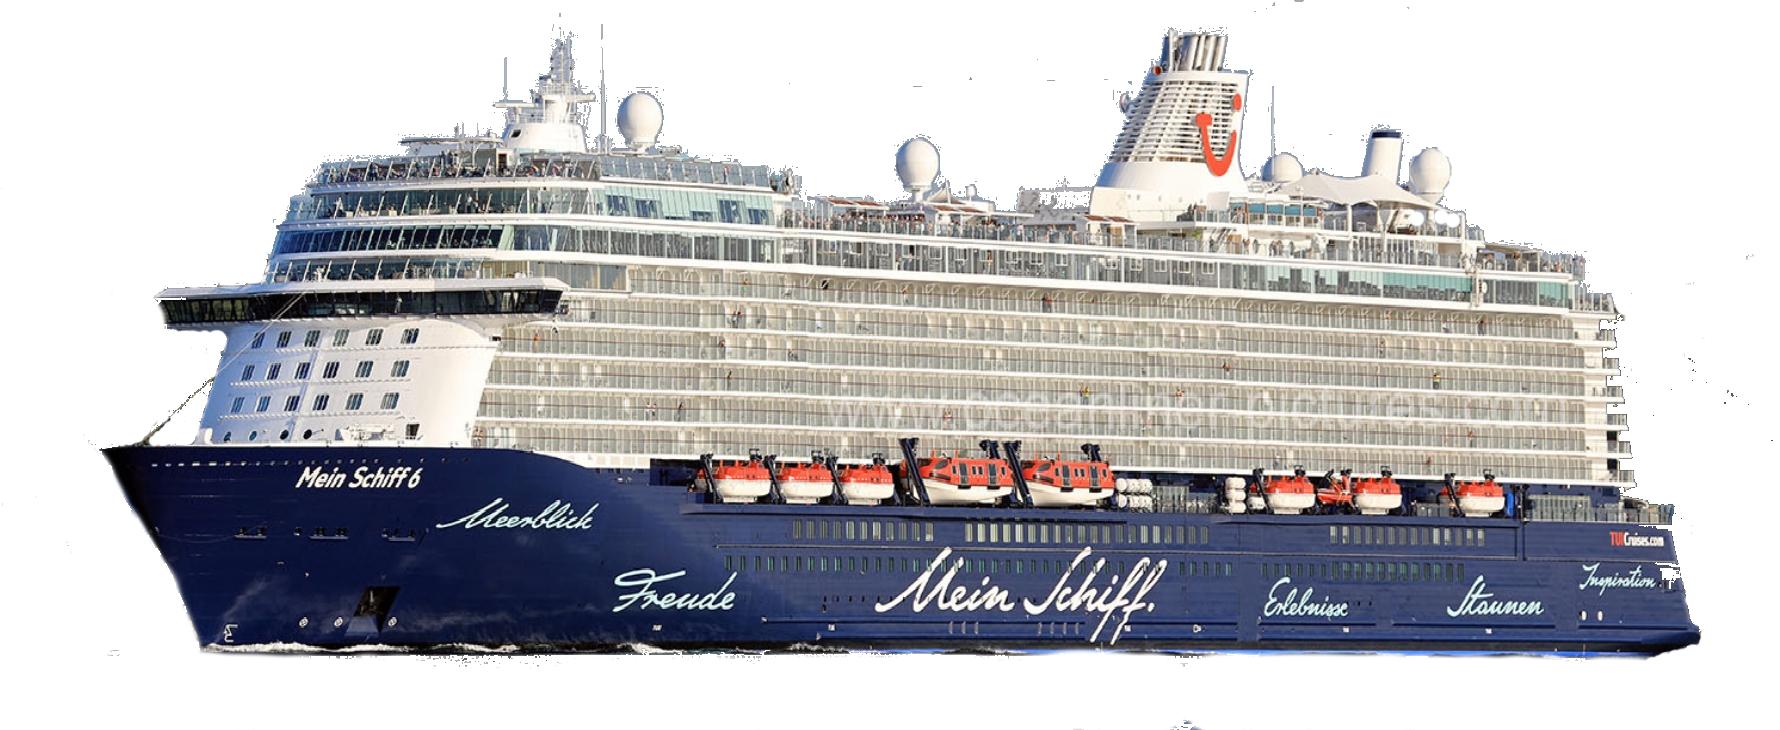 TUI Excursions Gibraltar Mein Schiff 6 passengers book online